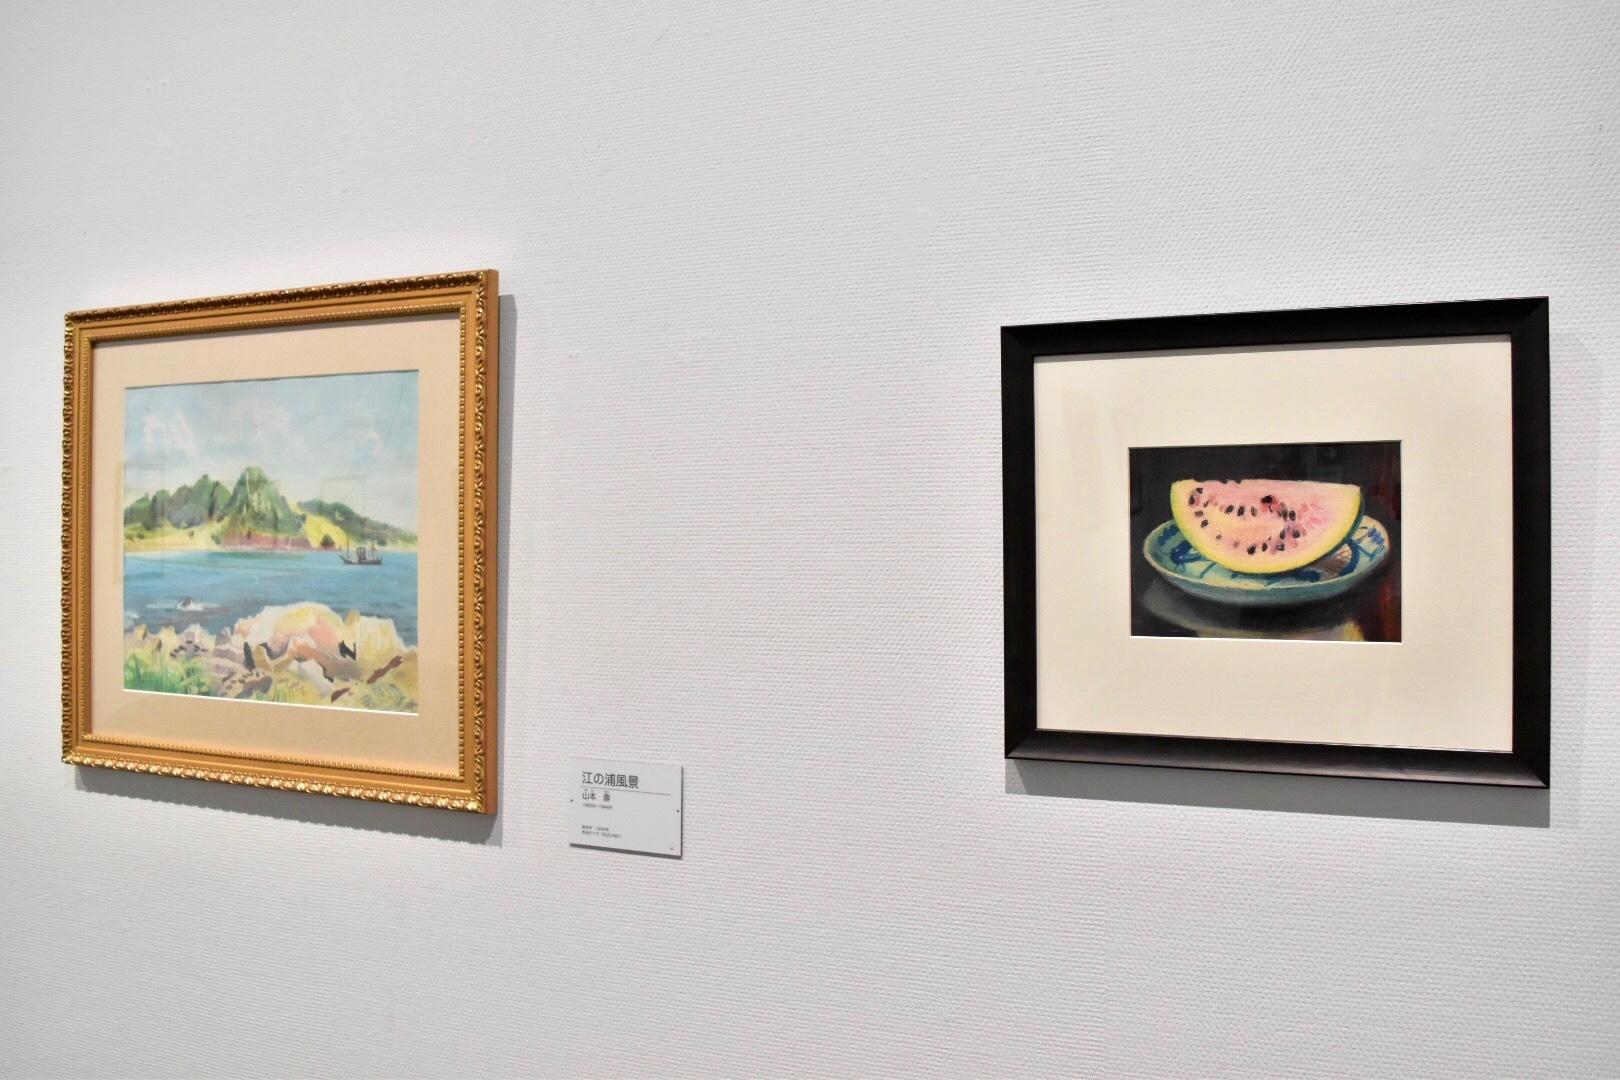 右:山本鼎 《西瓜》制作年不明 左:山本鼎 《江の浦風景》1934年